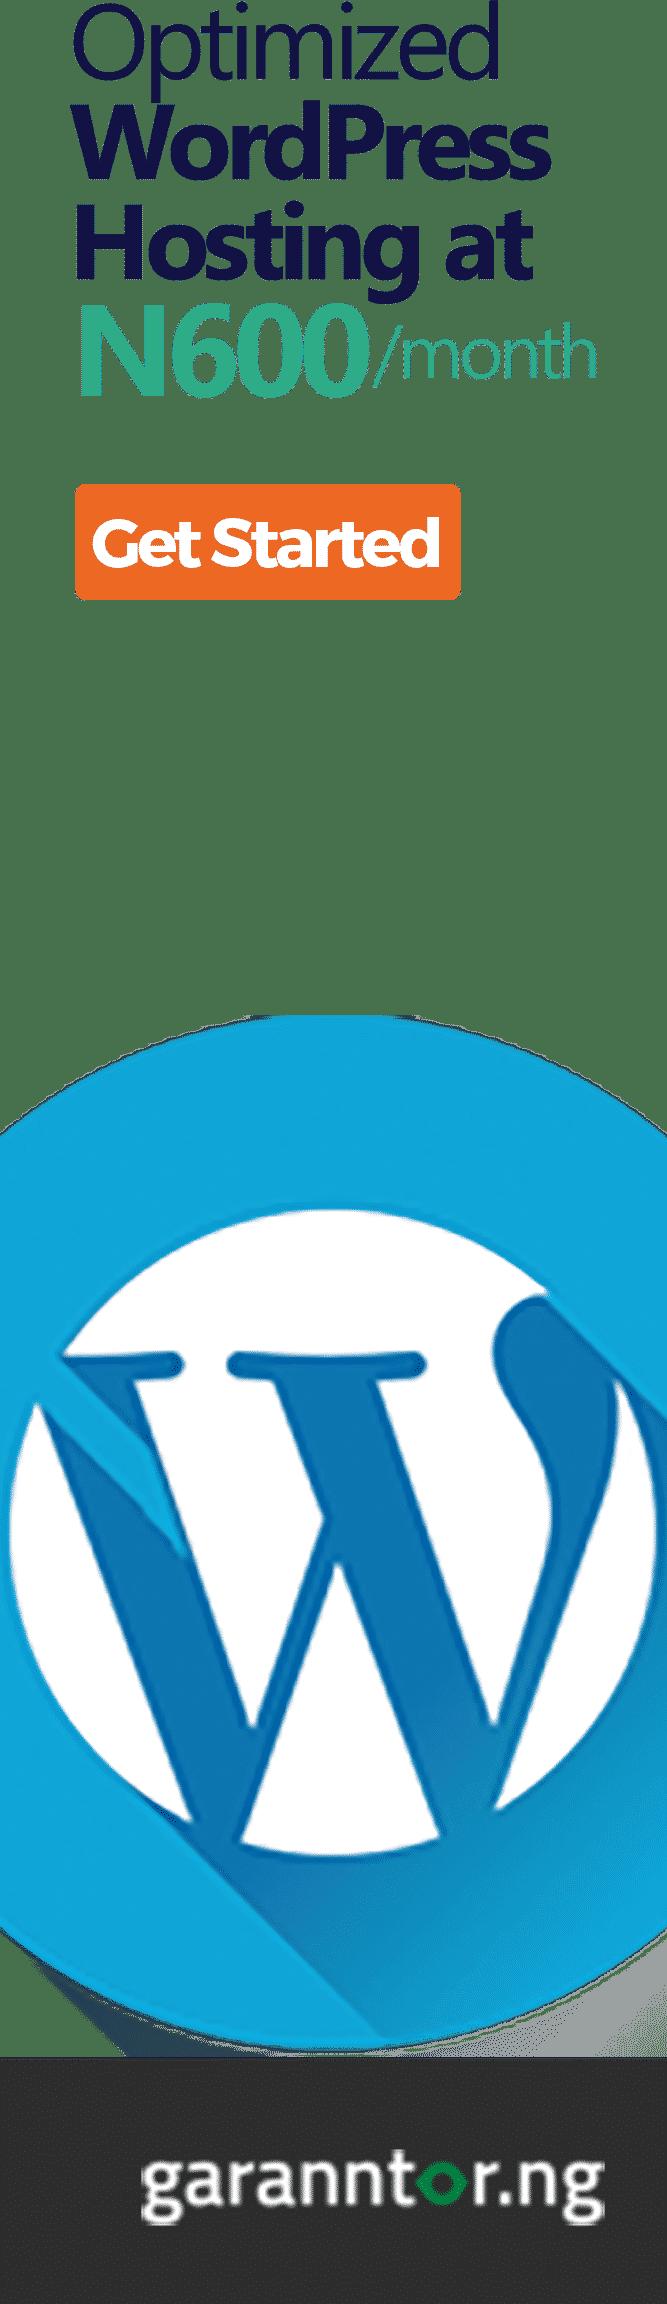 garanntor web host